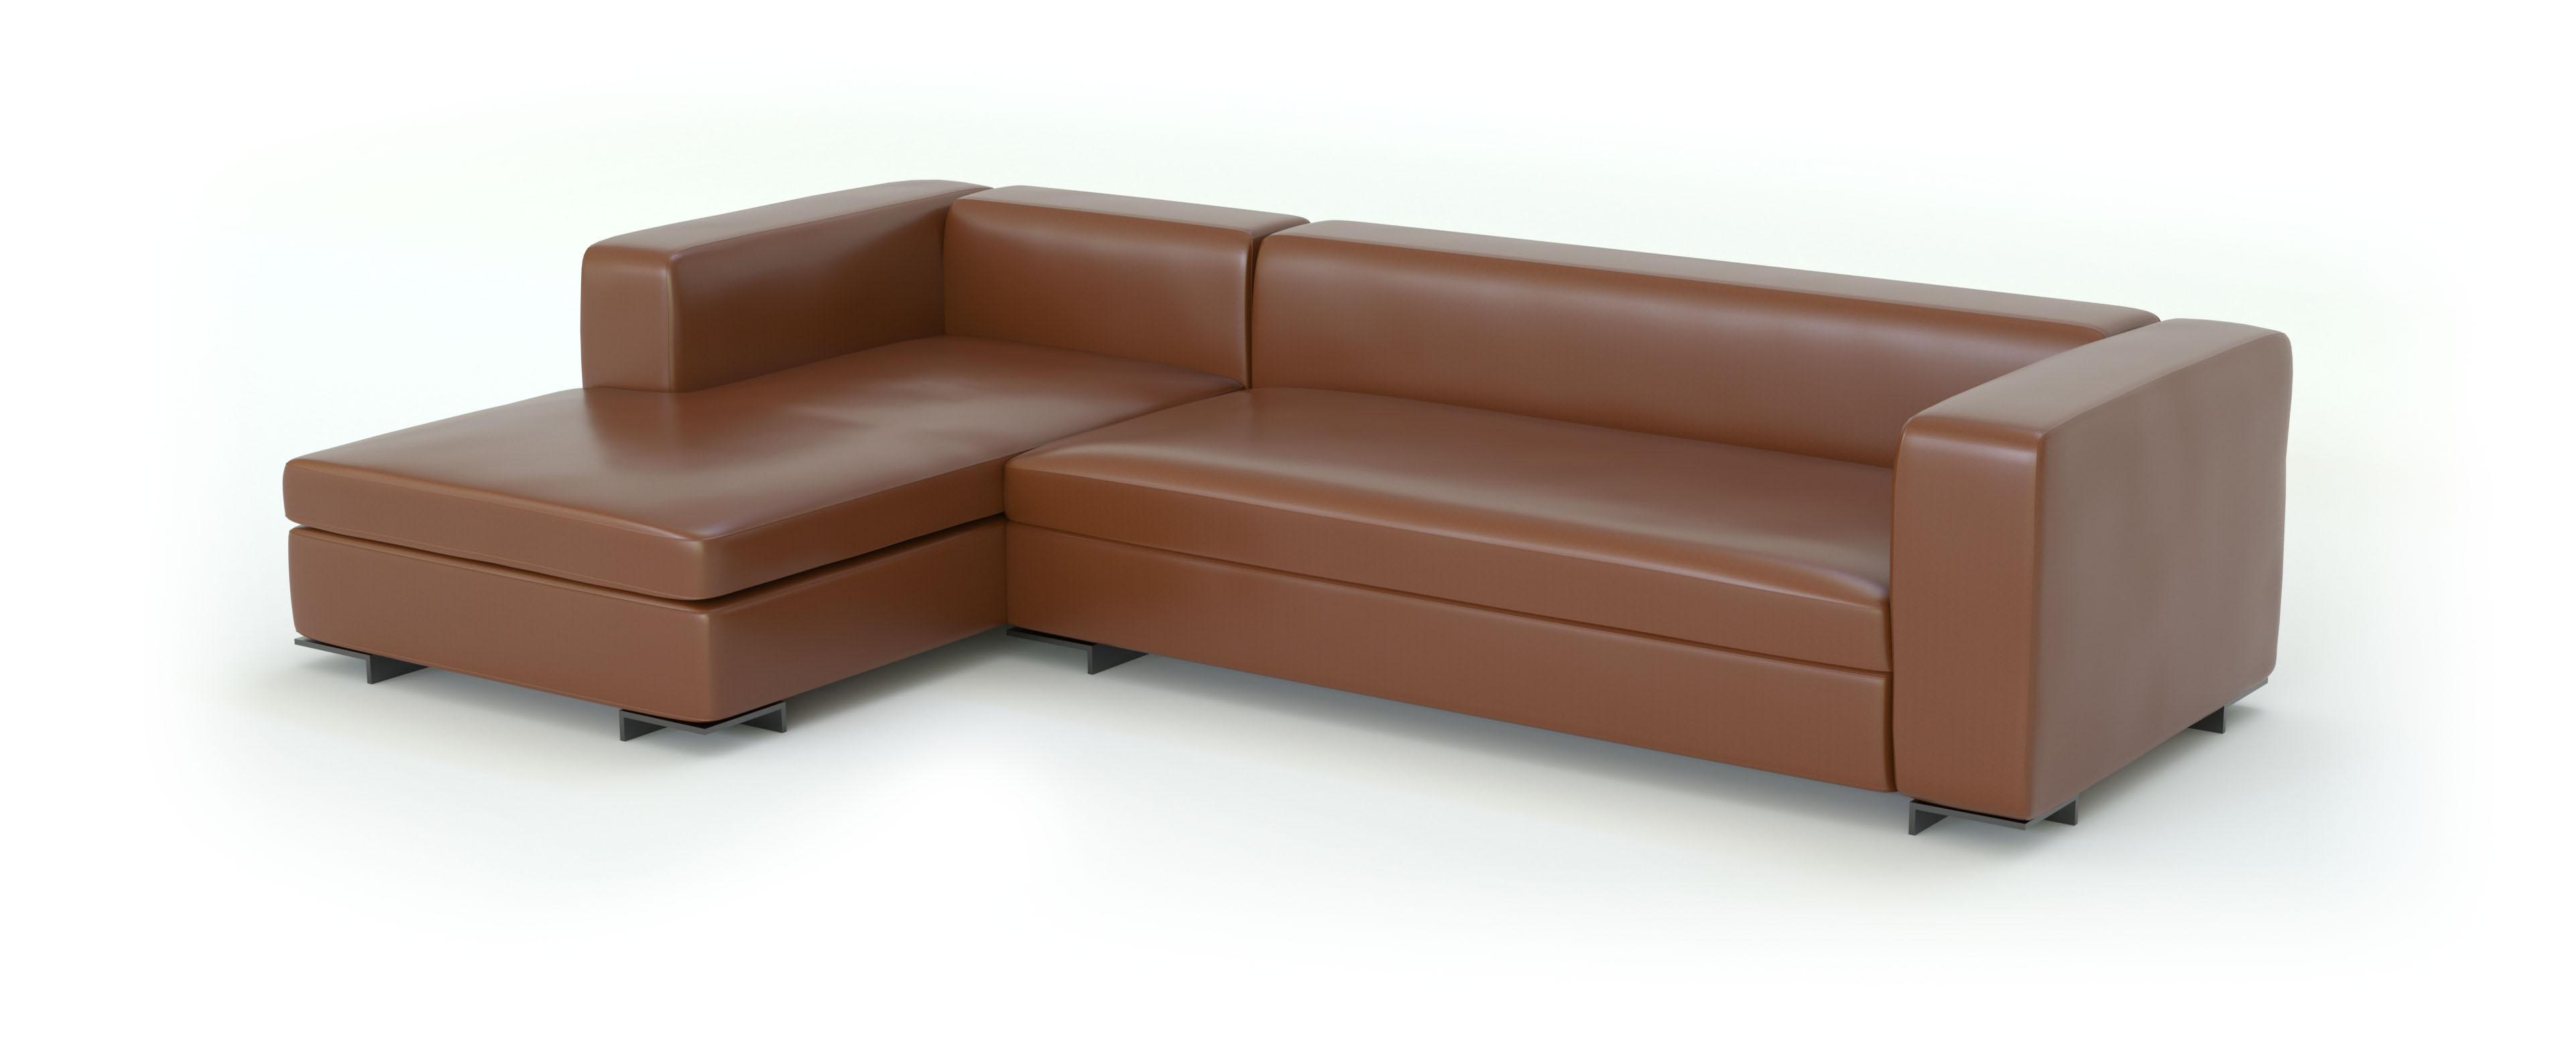 экокожа ткань для мебели 3d модель дивана